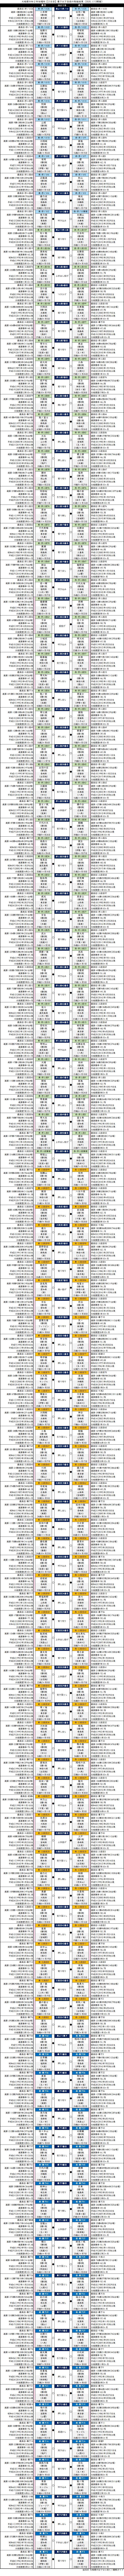 大相撲・2020年1月場所2日目・幕下以下の取組結果